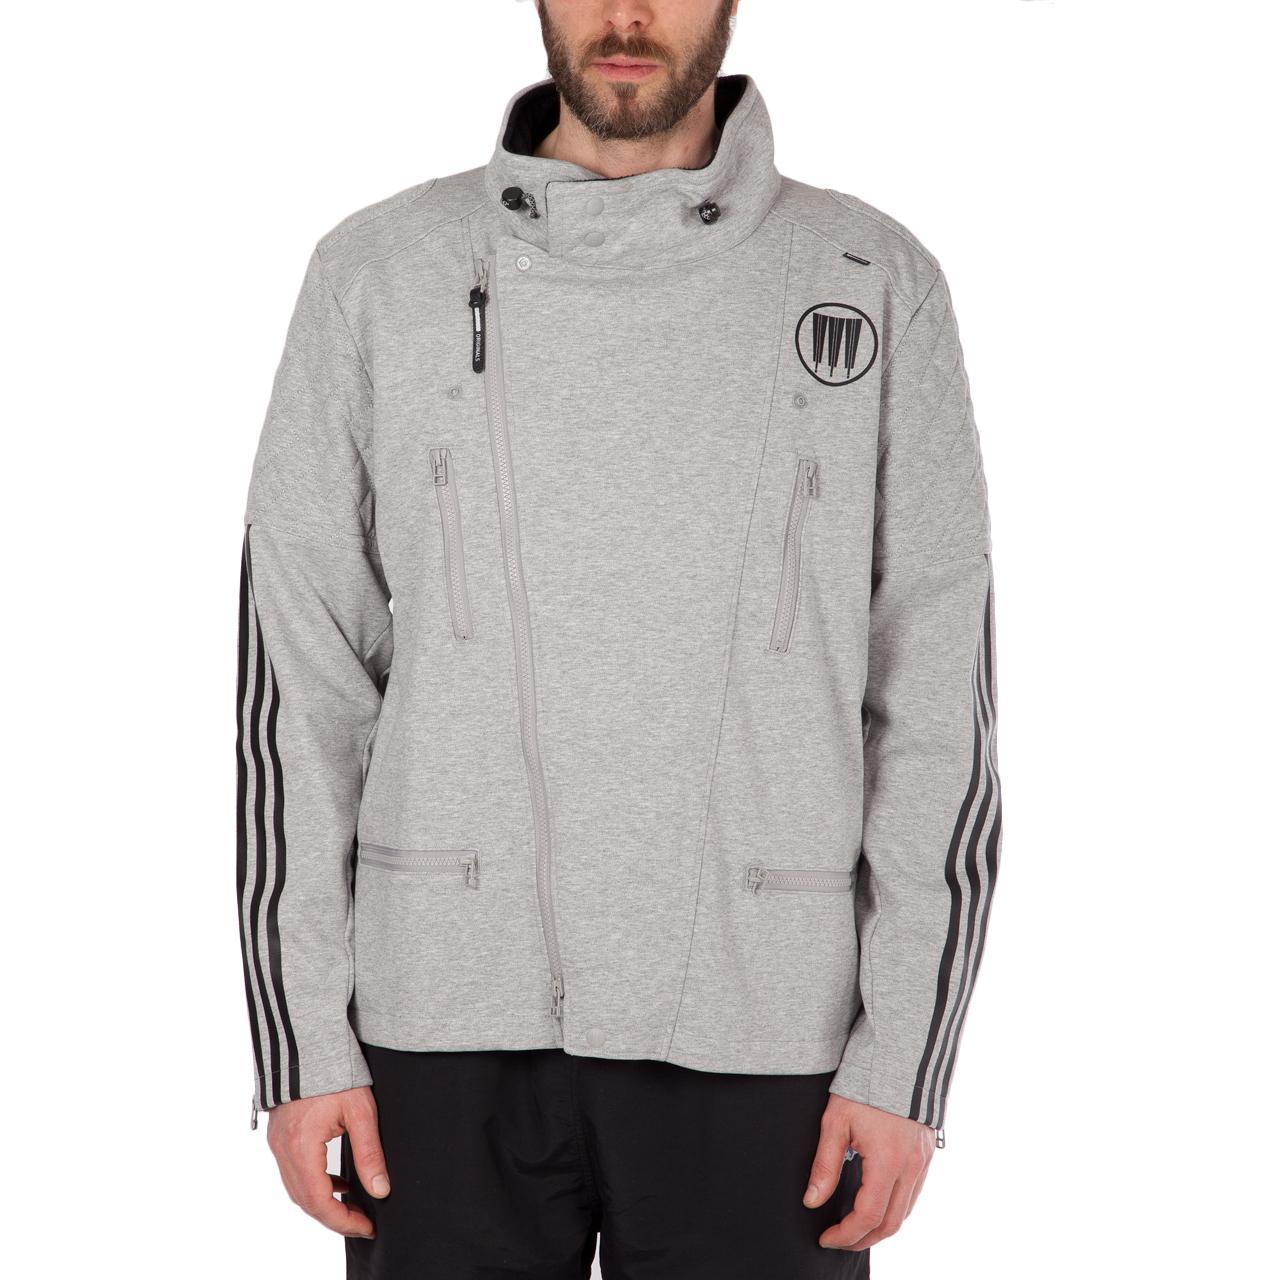 adidas X Neighborhood Nbhd Riders Track Jacket in Grey (Grey) for Men